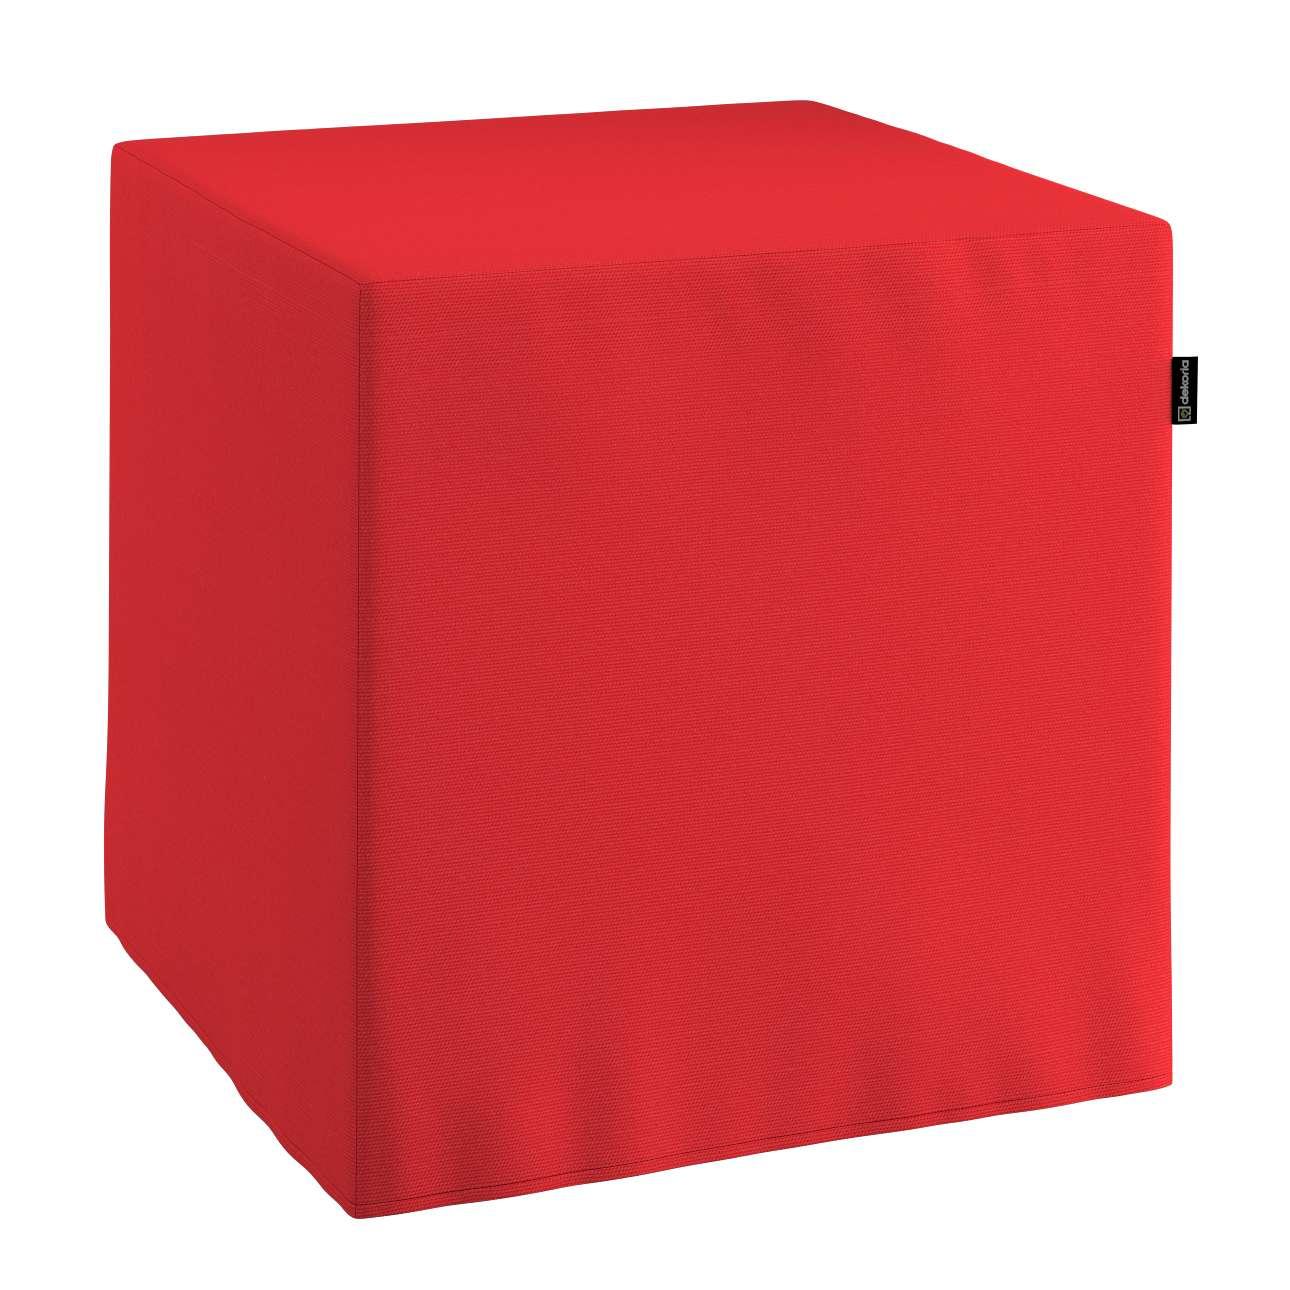 Sedák kostka - pevná 40x40x40 v kolekci Loneta, látka: 133-43